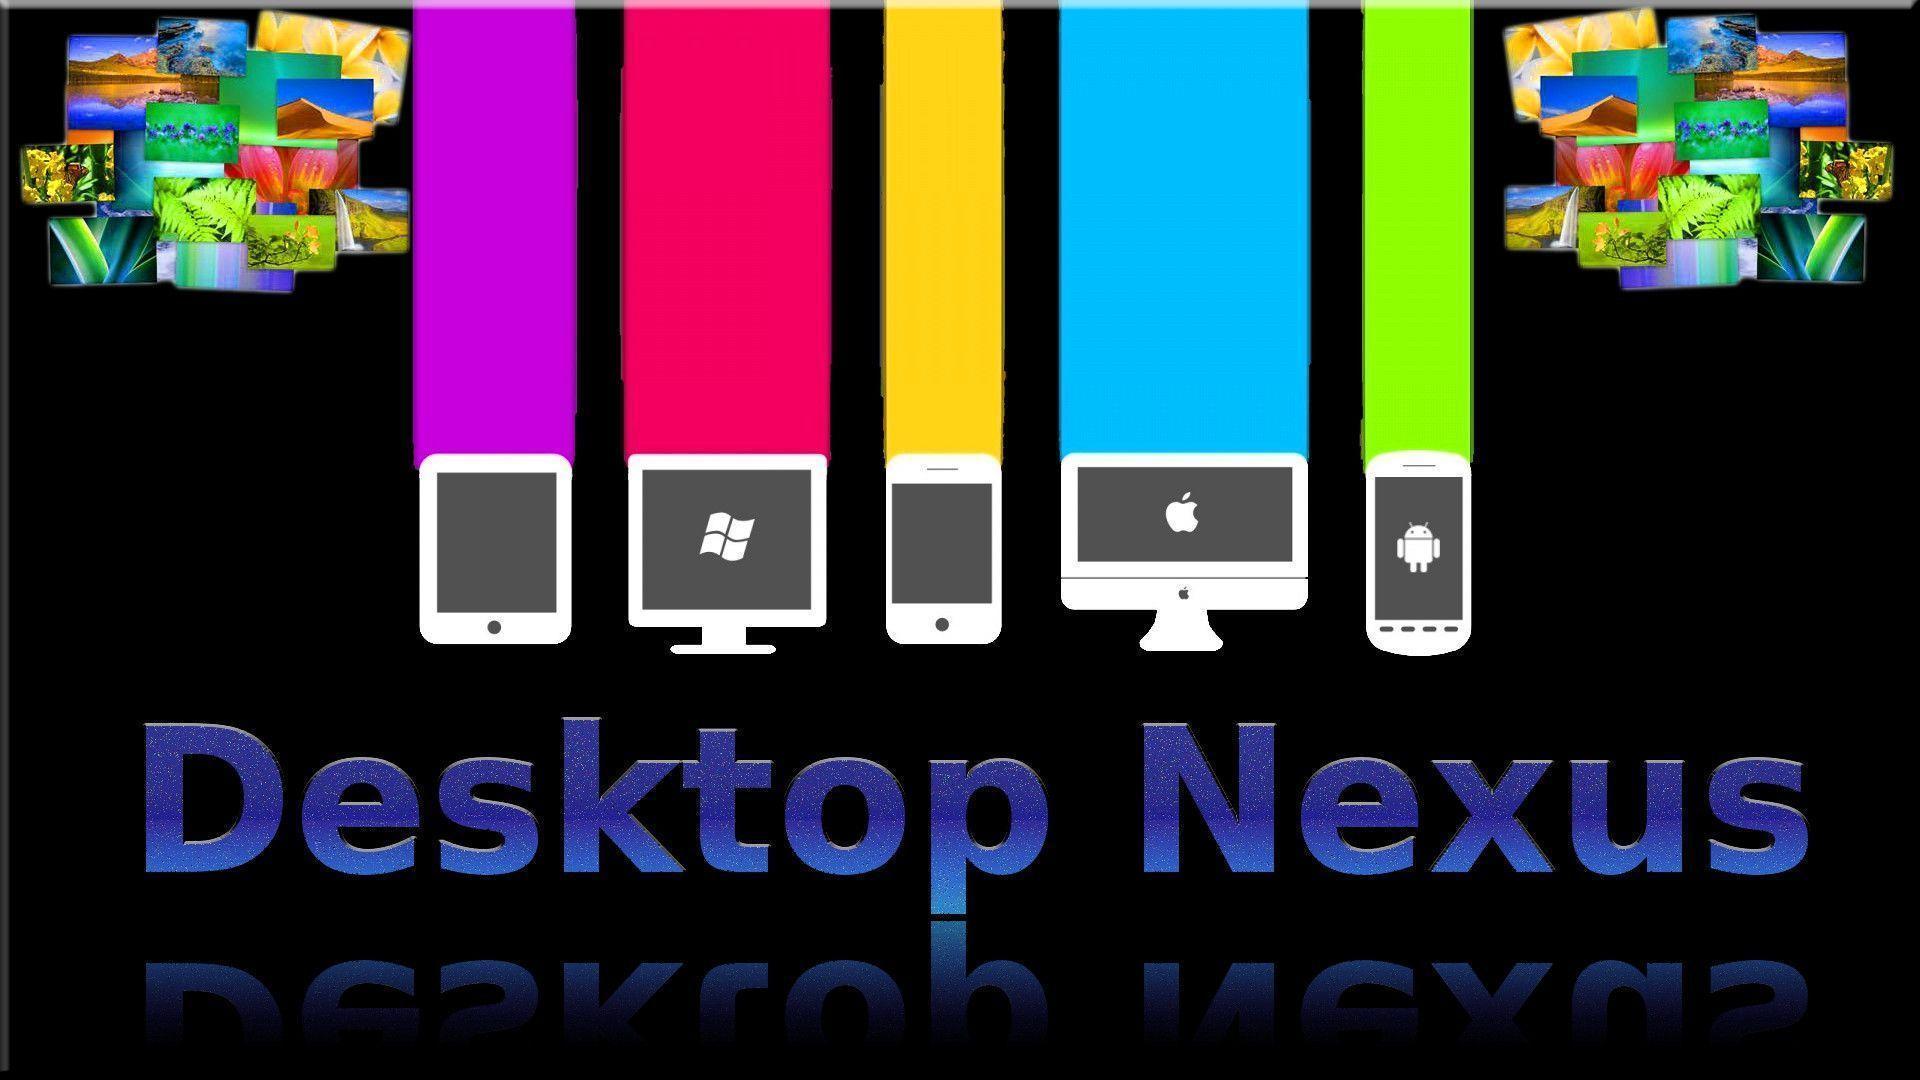 Desktop Nexus Abstract Wallpapers: Free Desktop Backgrounds Nexus